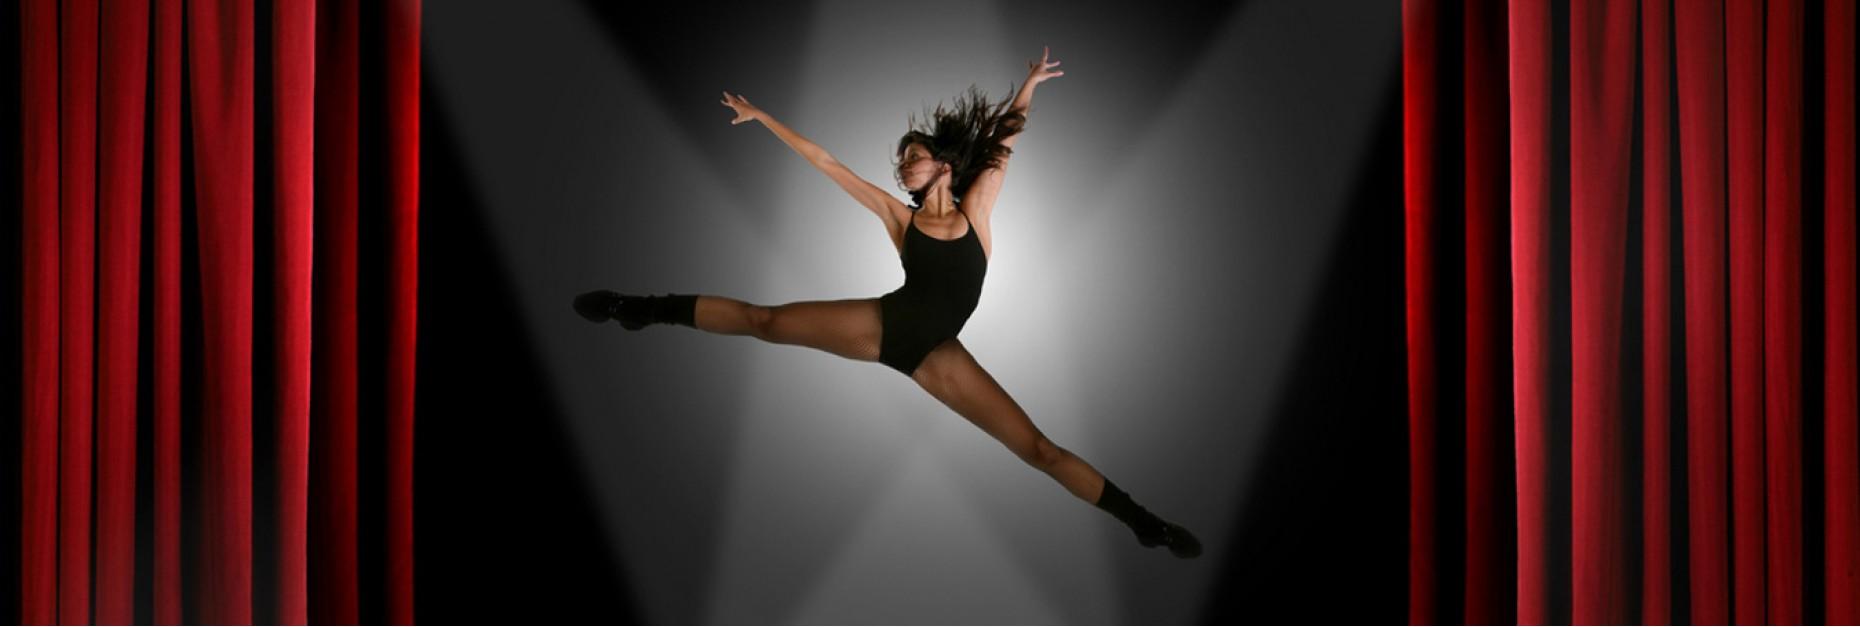 Балет/хореография